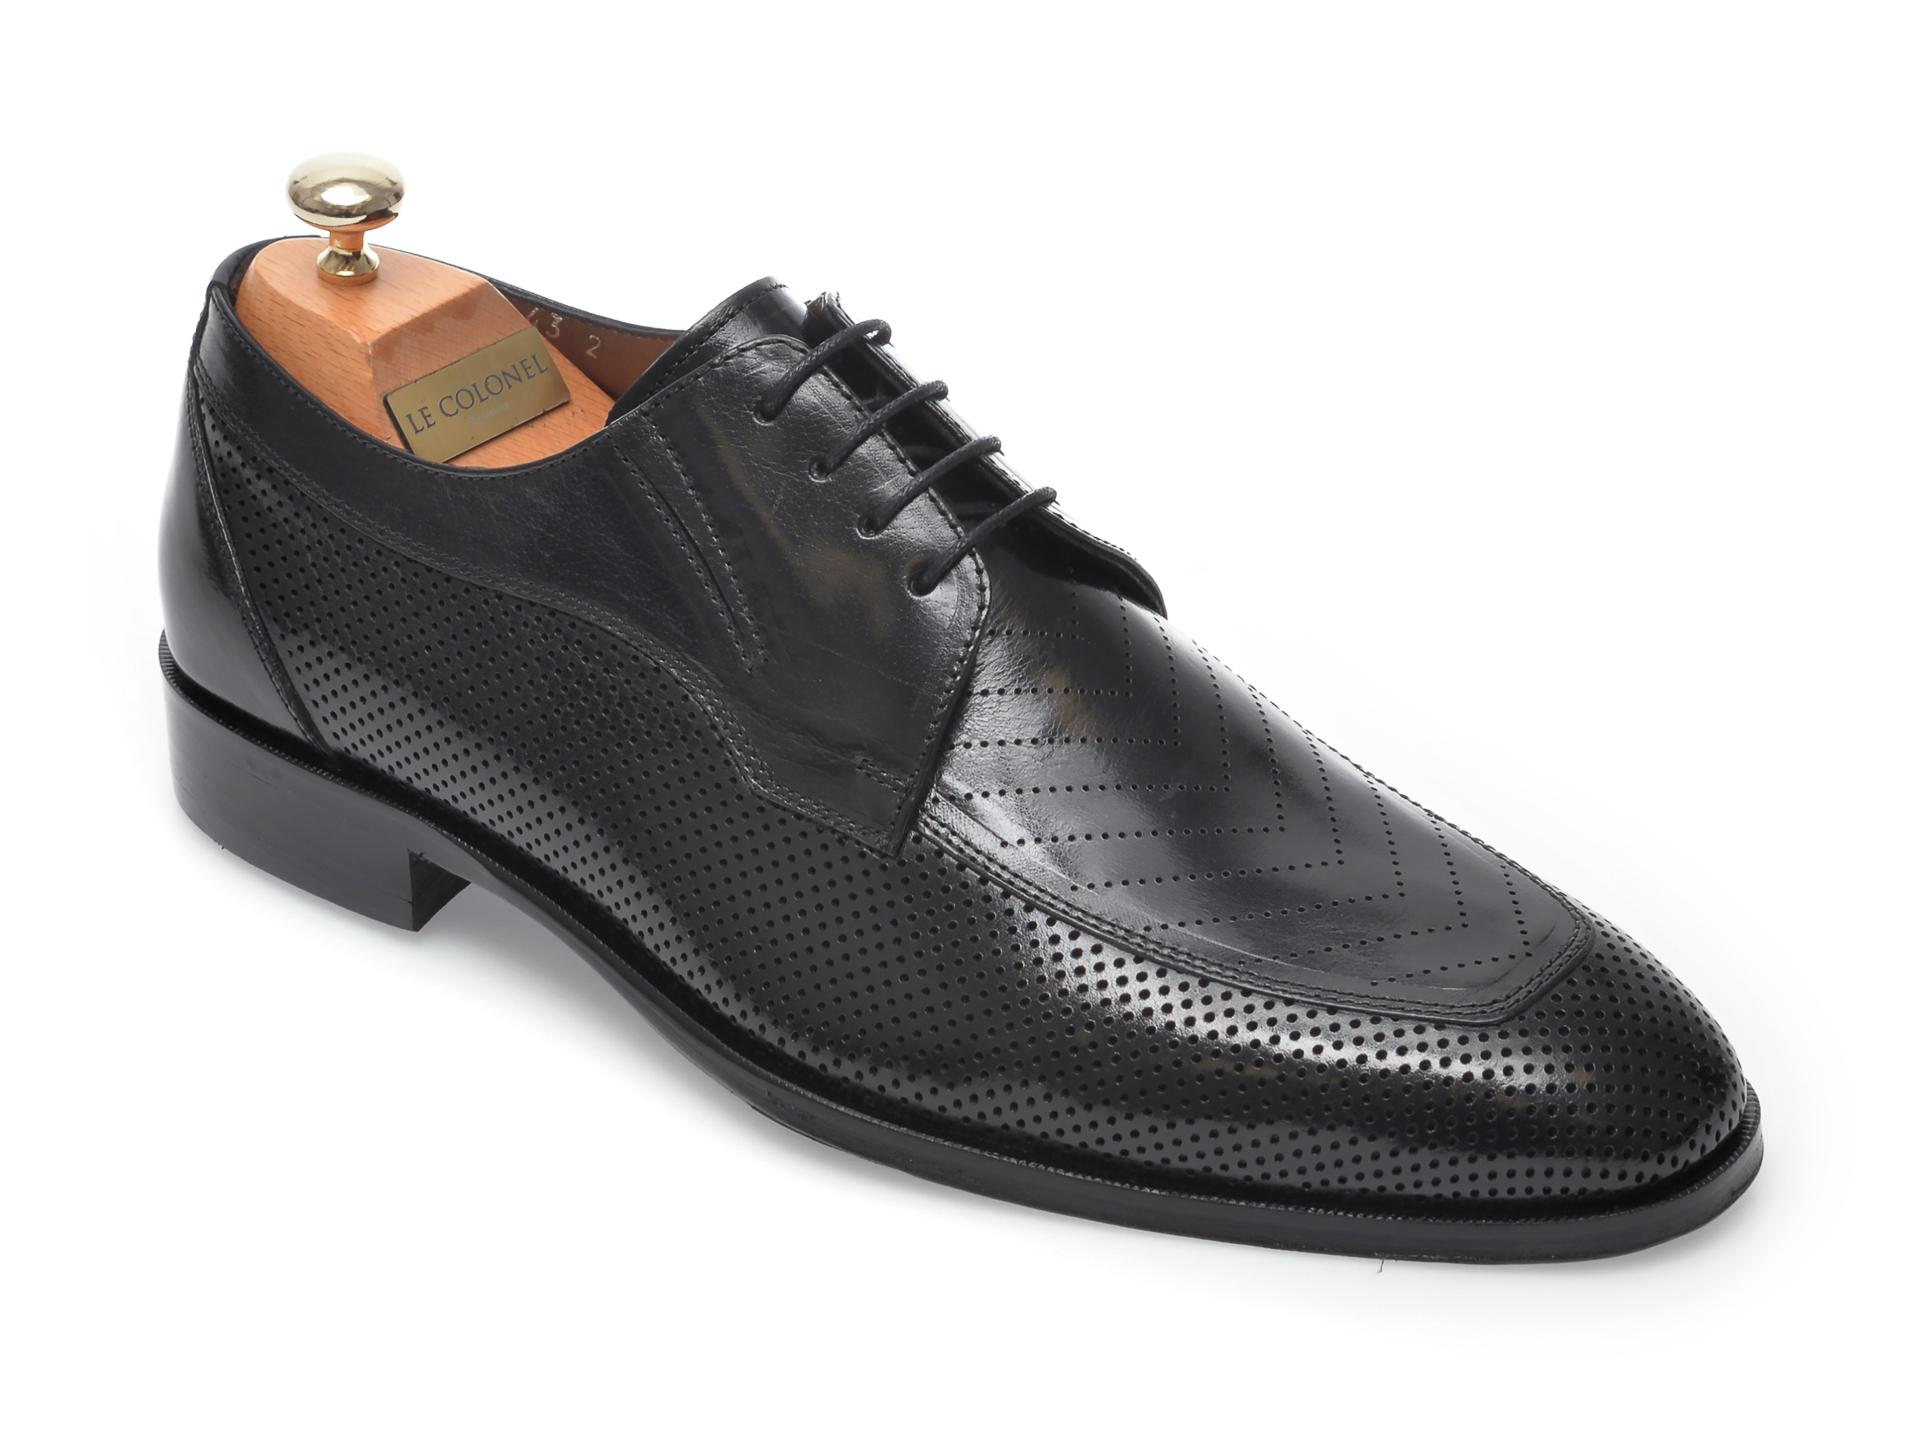 Pantofi LE COLONEL negri, 48457, din piele naturala imagine otter.ro 2021